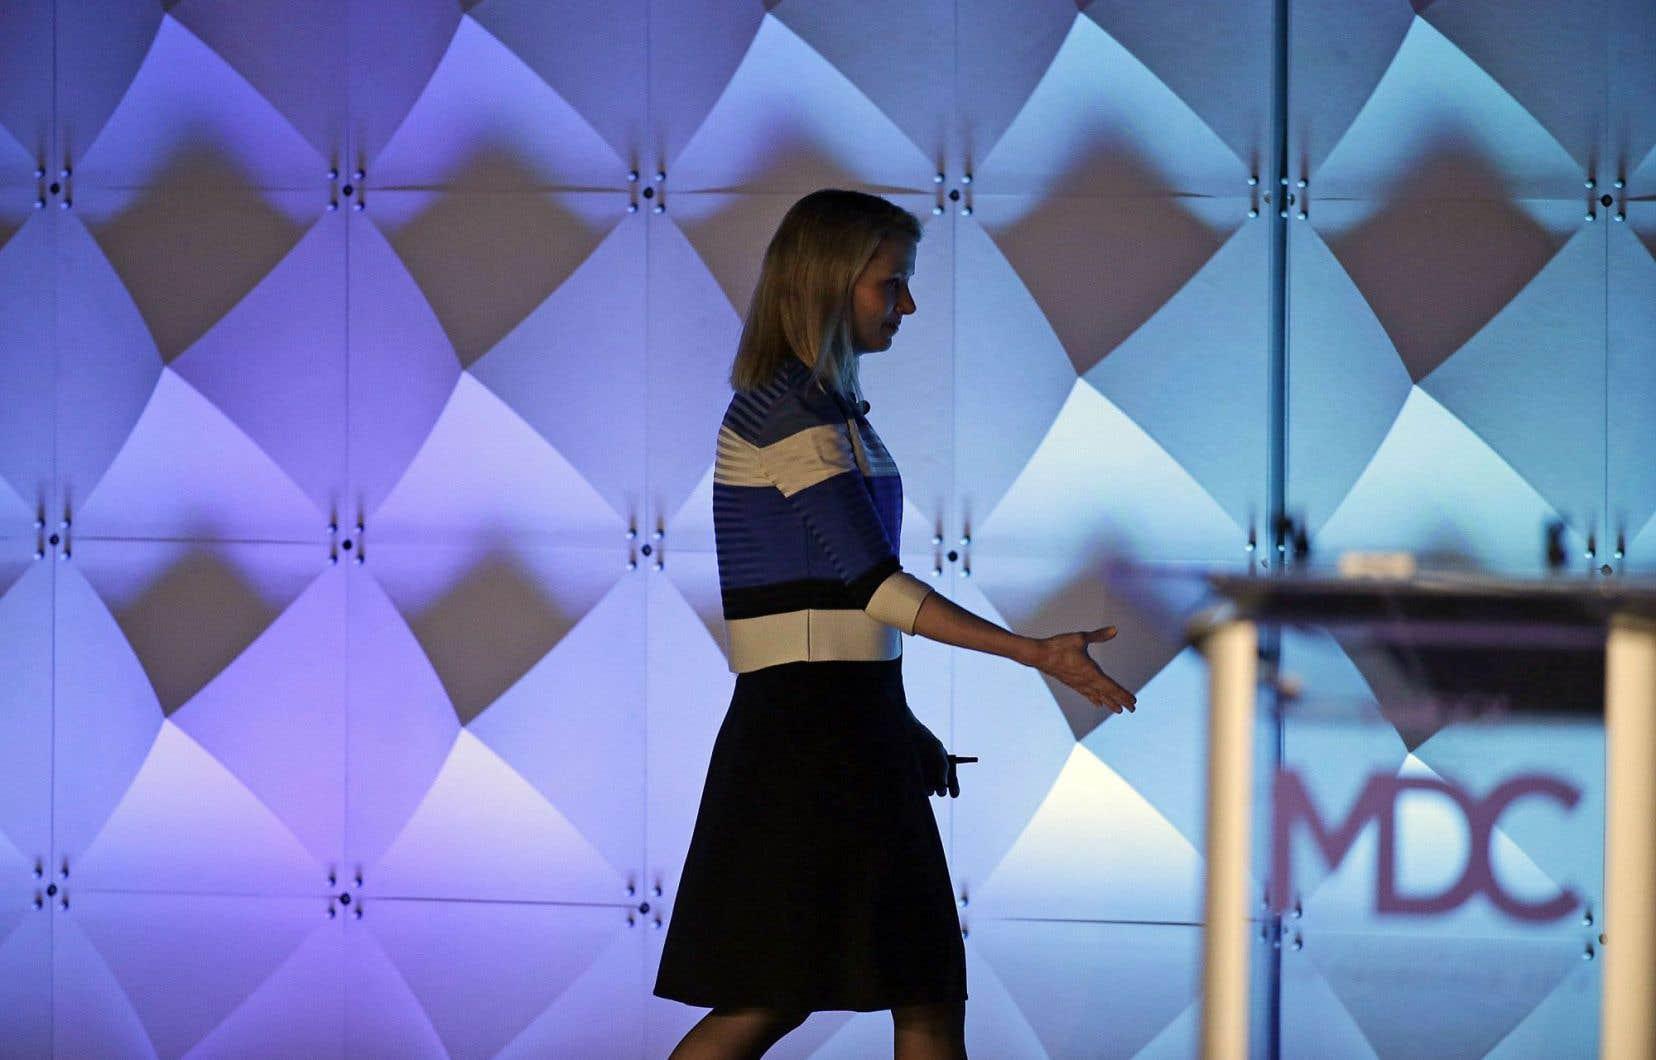 Début février, Yahoo! a annoncé un plan de restructuration avec une réduction de 15% des effectifs et une rationalisation de ses activités.